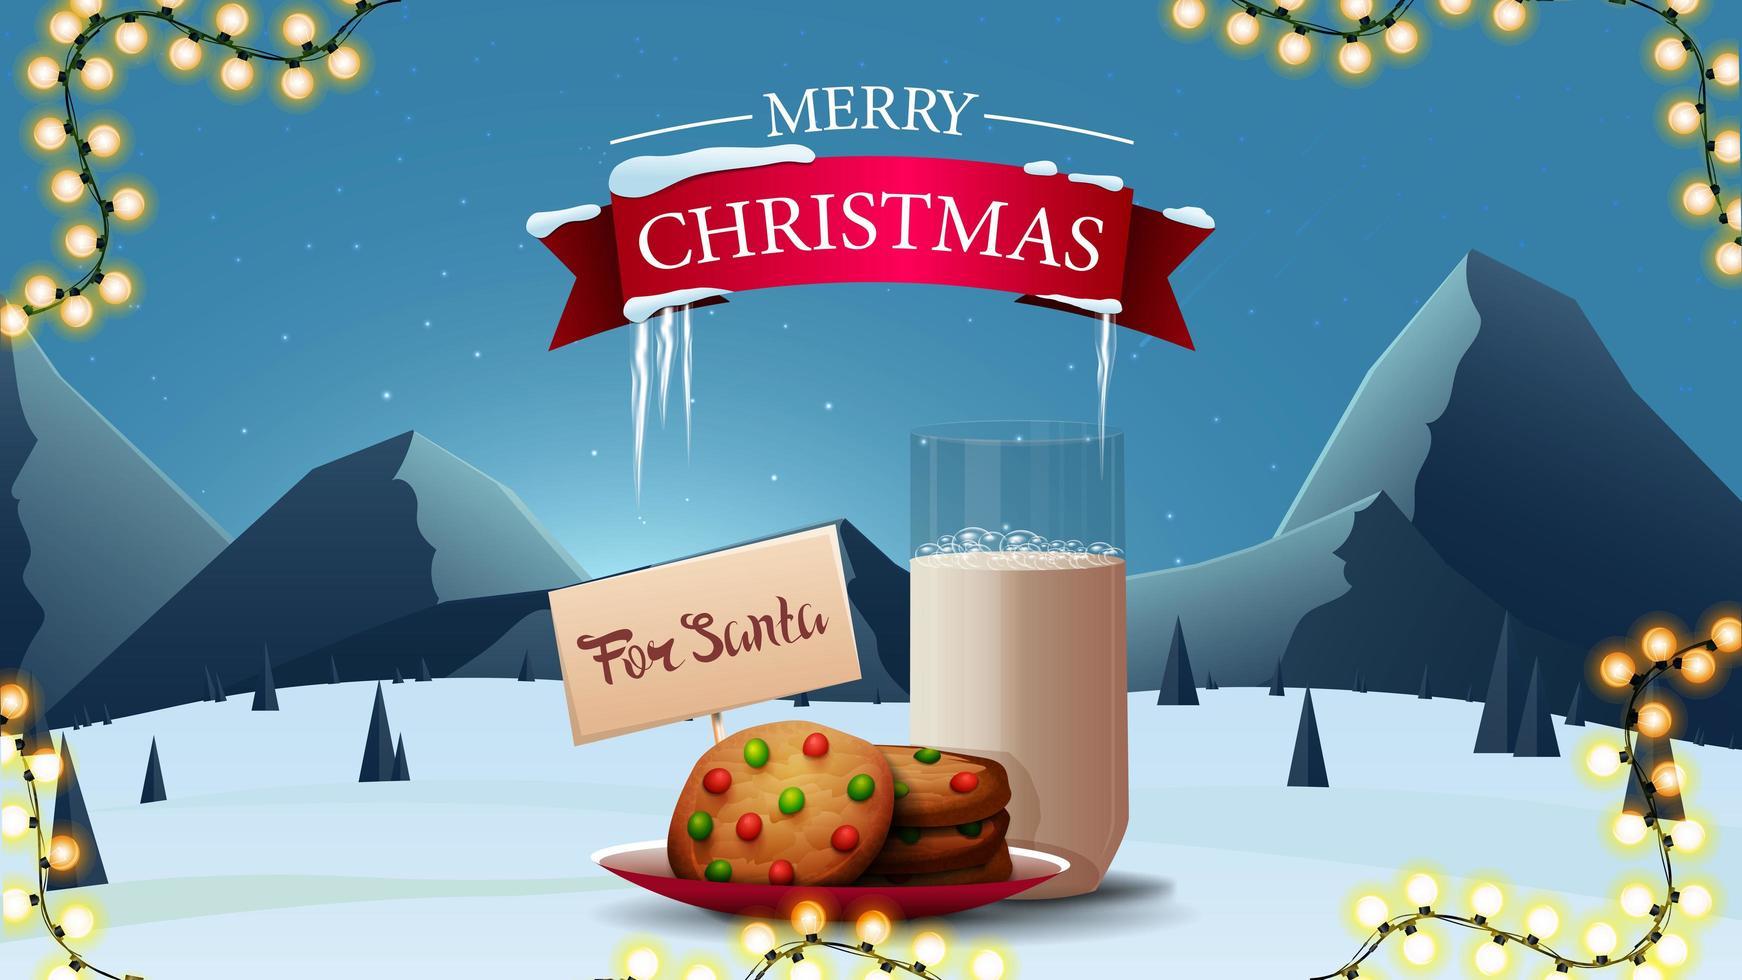 vrolijk kerstfeest, wenskaart met koekjes met melk vector